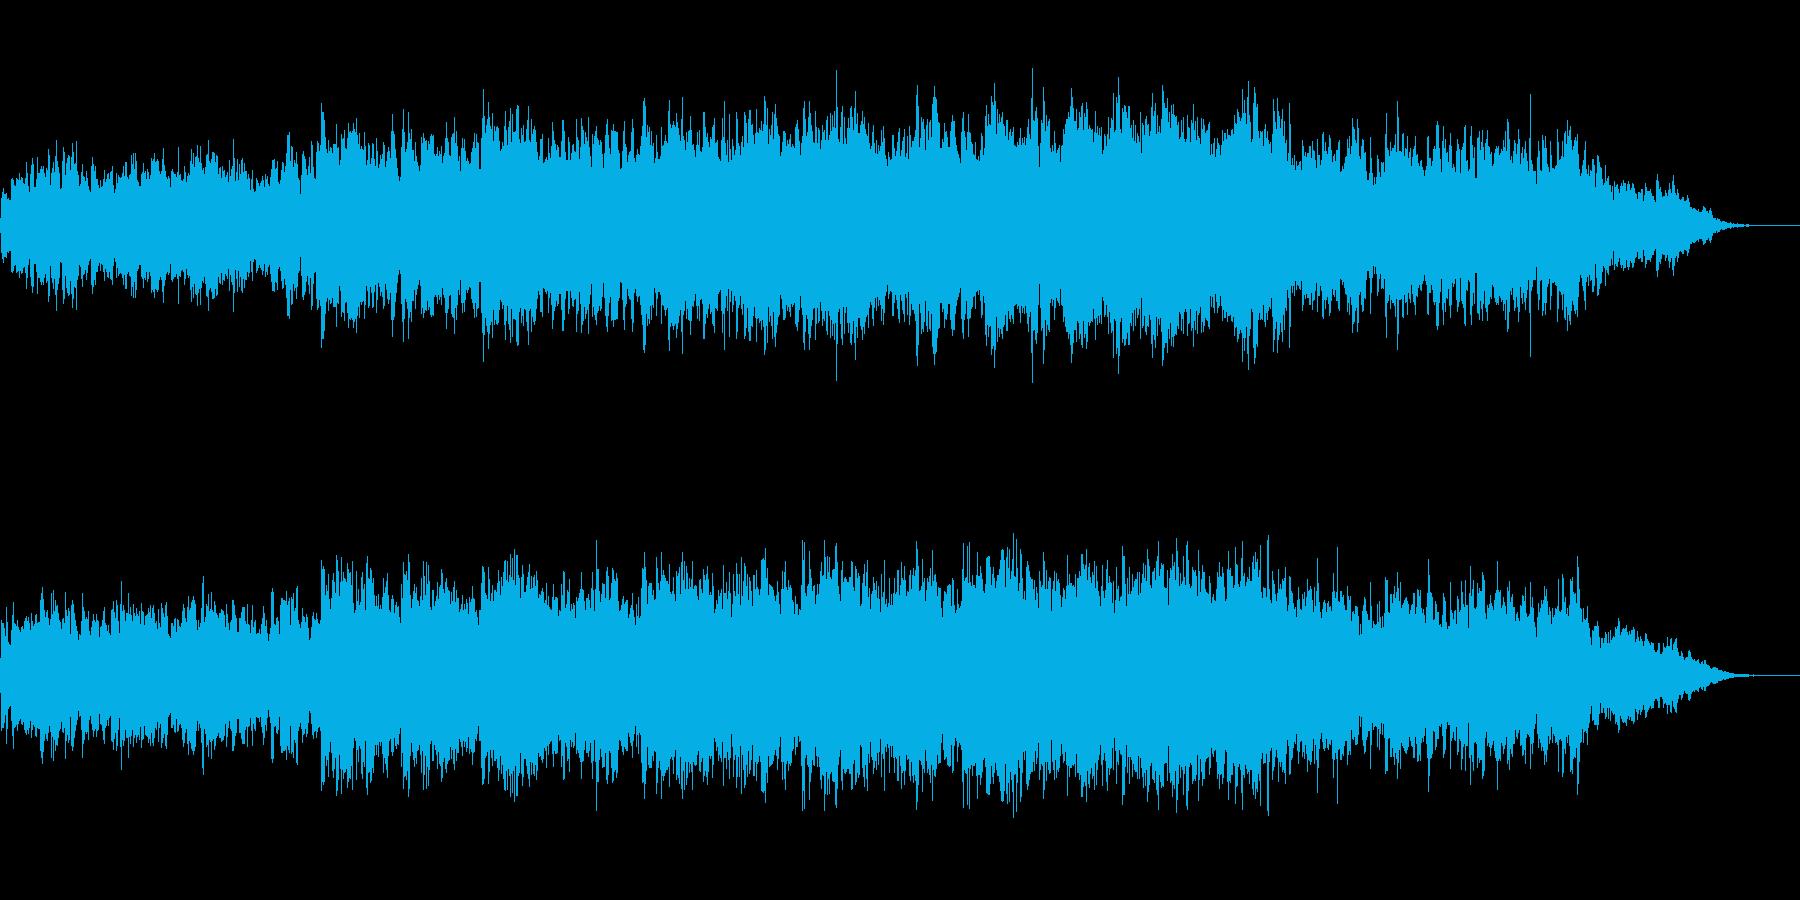 感動系、心に染み入るバラード系BGMの再生済みの波形